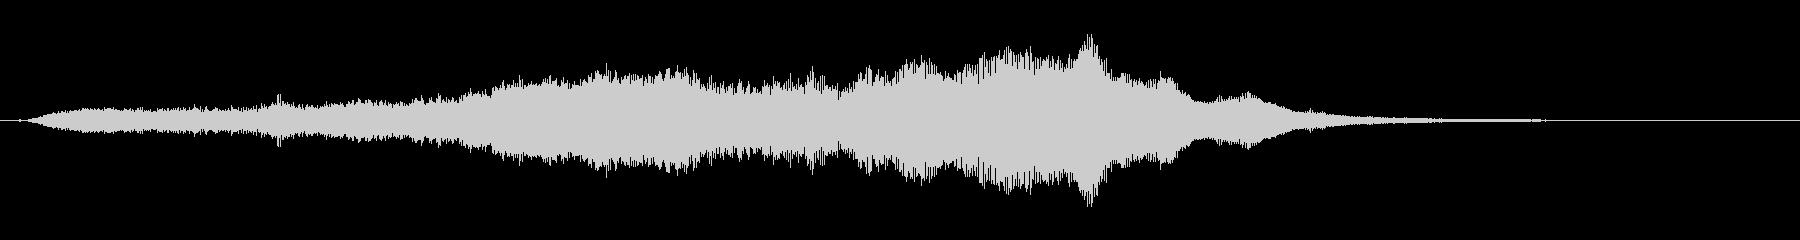 スプラッシュシンボル1お辞儀3の未再生の波形